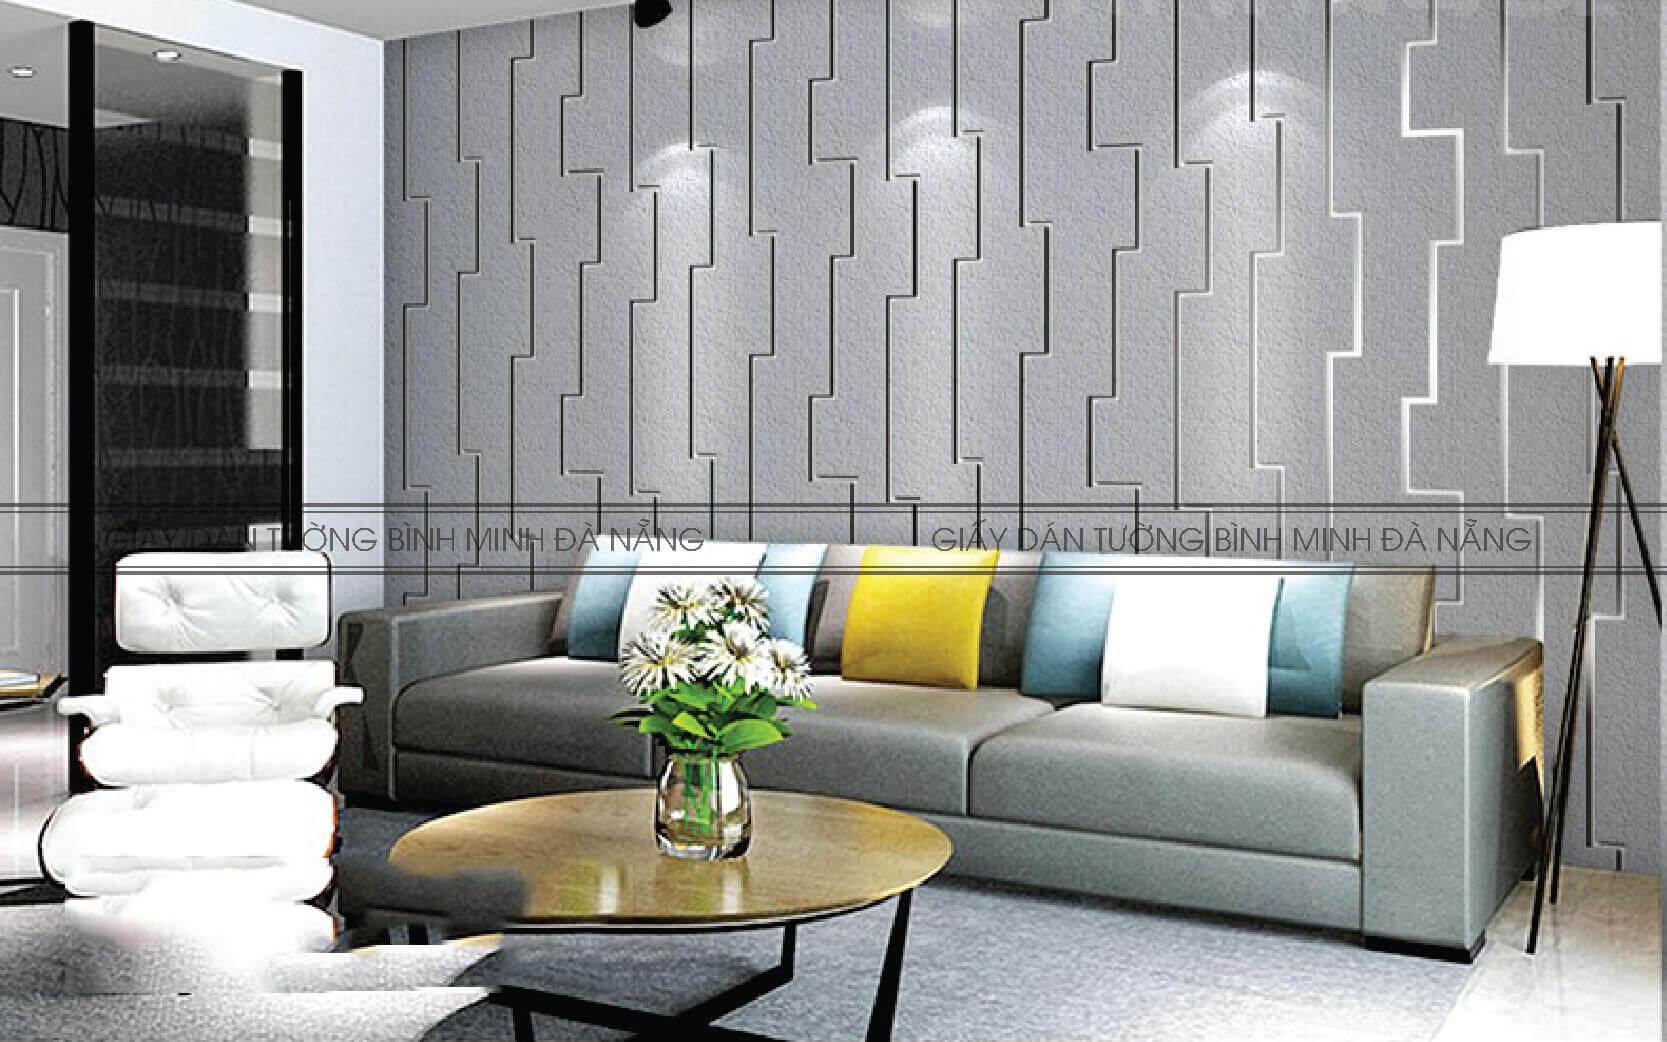 Giấy dán tường 3D Đà Nẵng, mẫu mới tại 175 Nguyễn Hữu Thọ